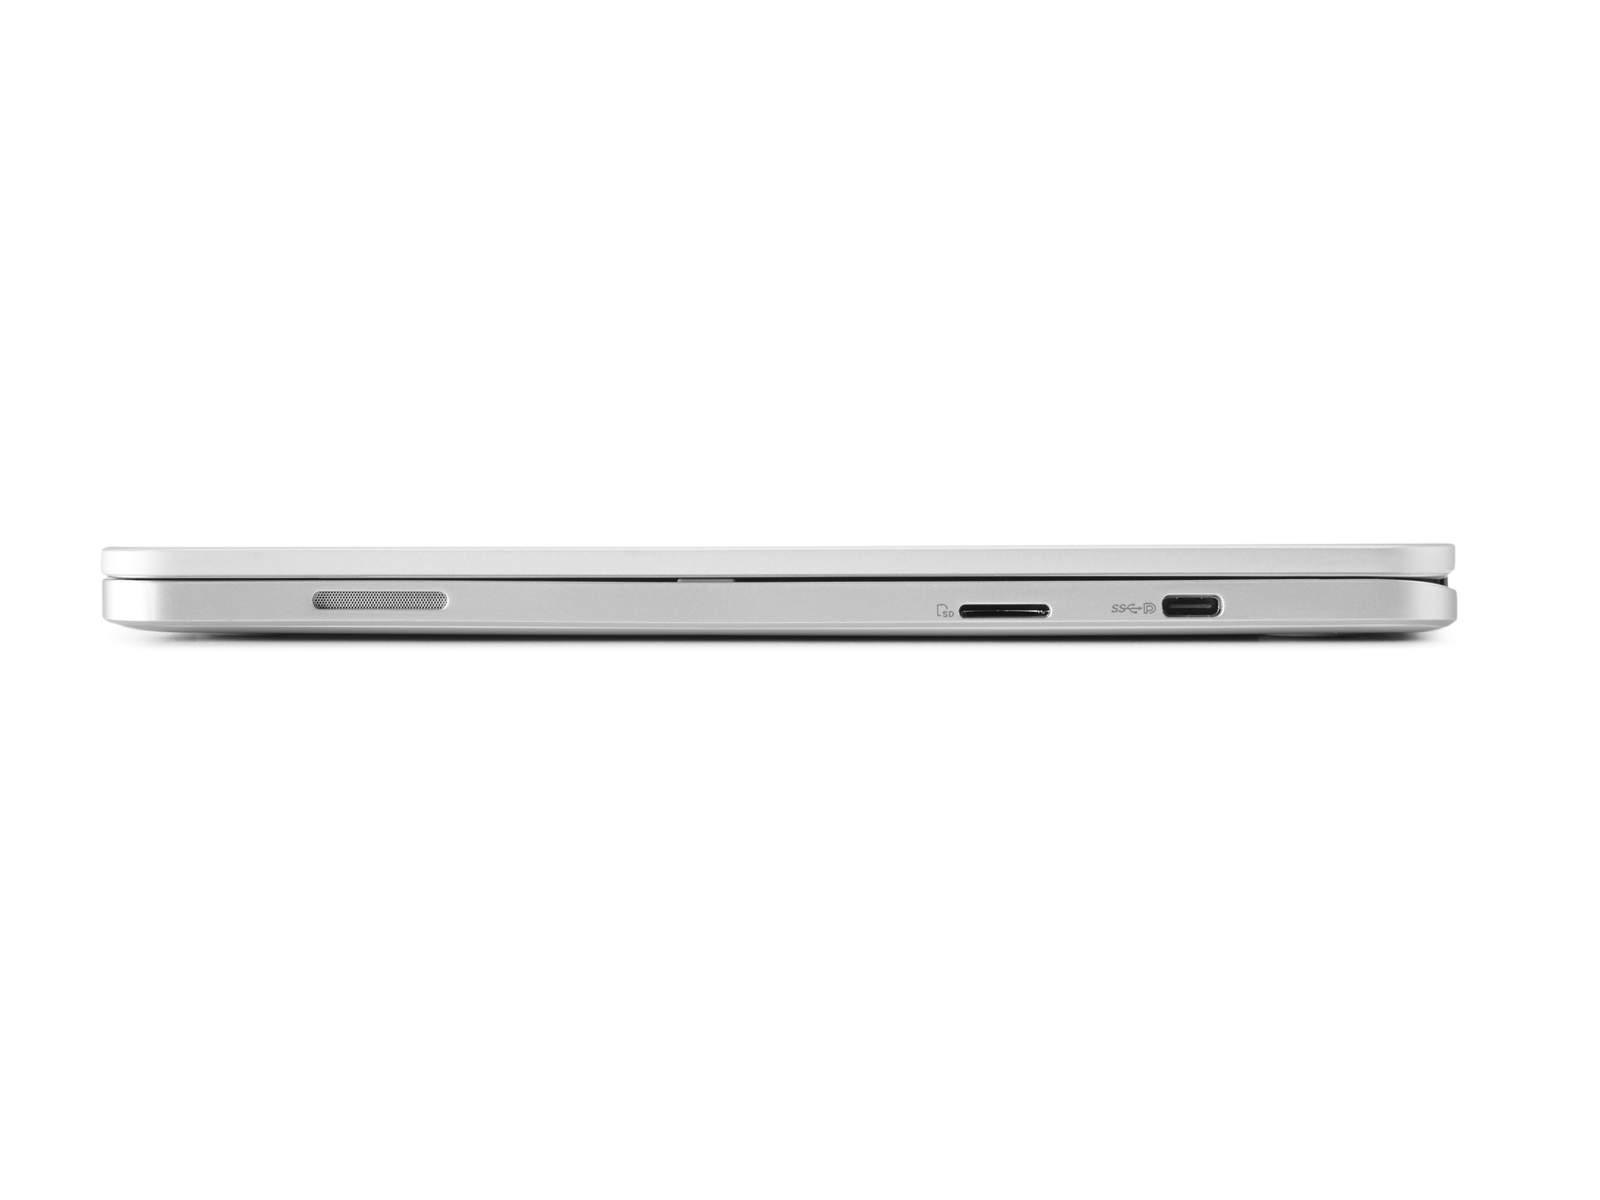 Asus Chromebook Flip C302 - photo 7